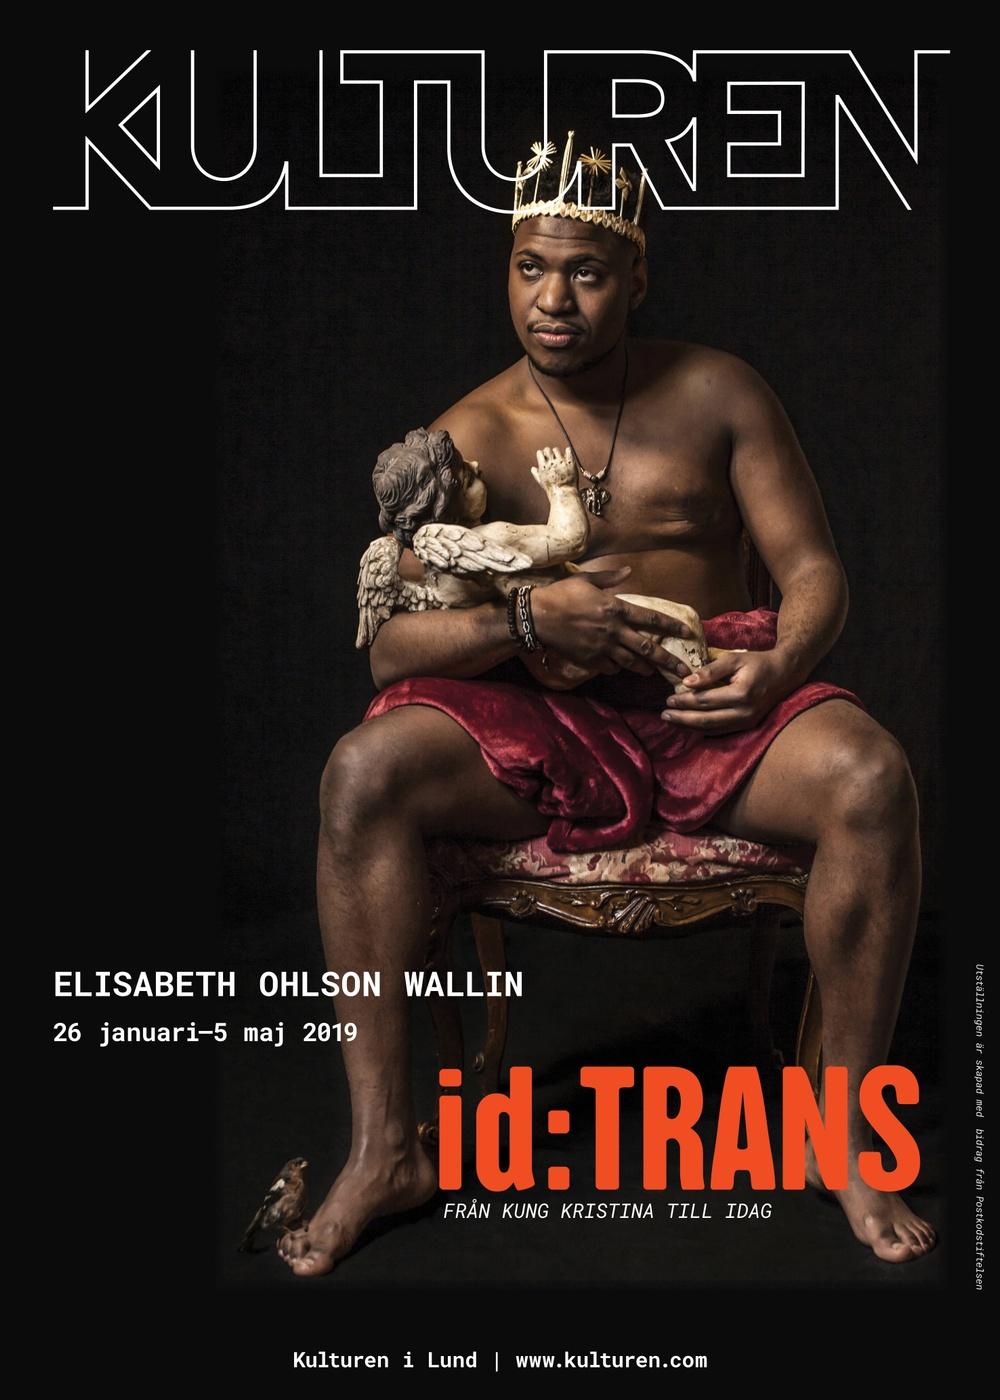 Kulturen i Lunds affisch för utställningen id:TRANS